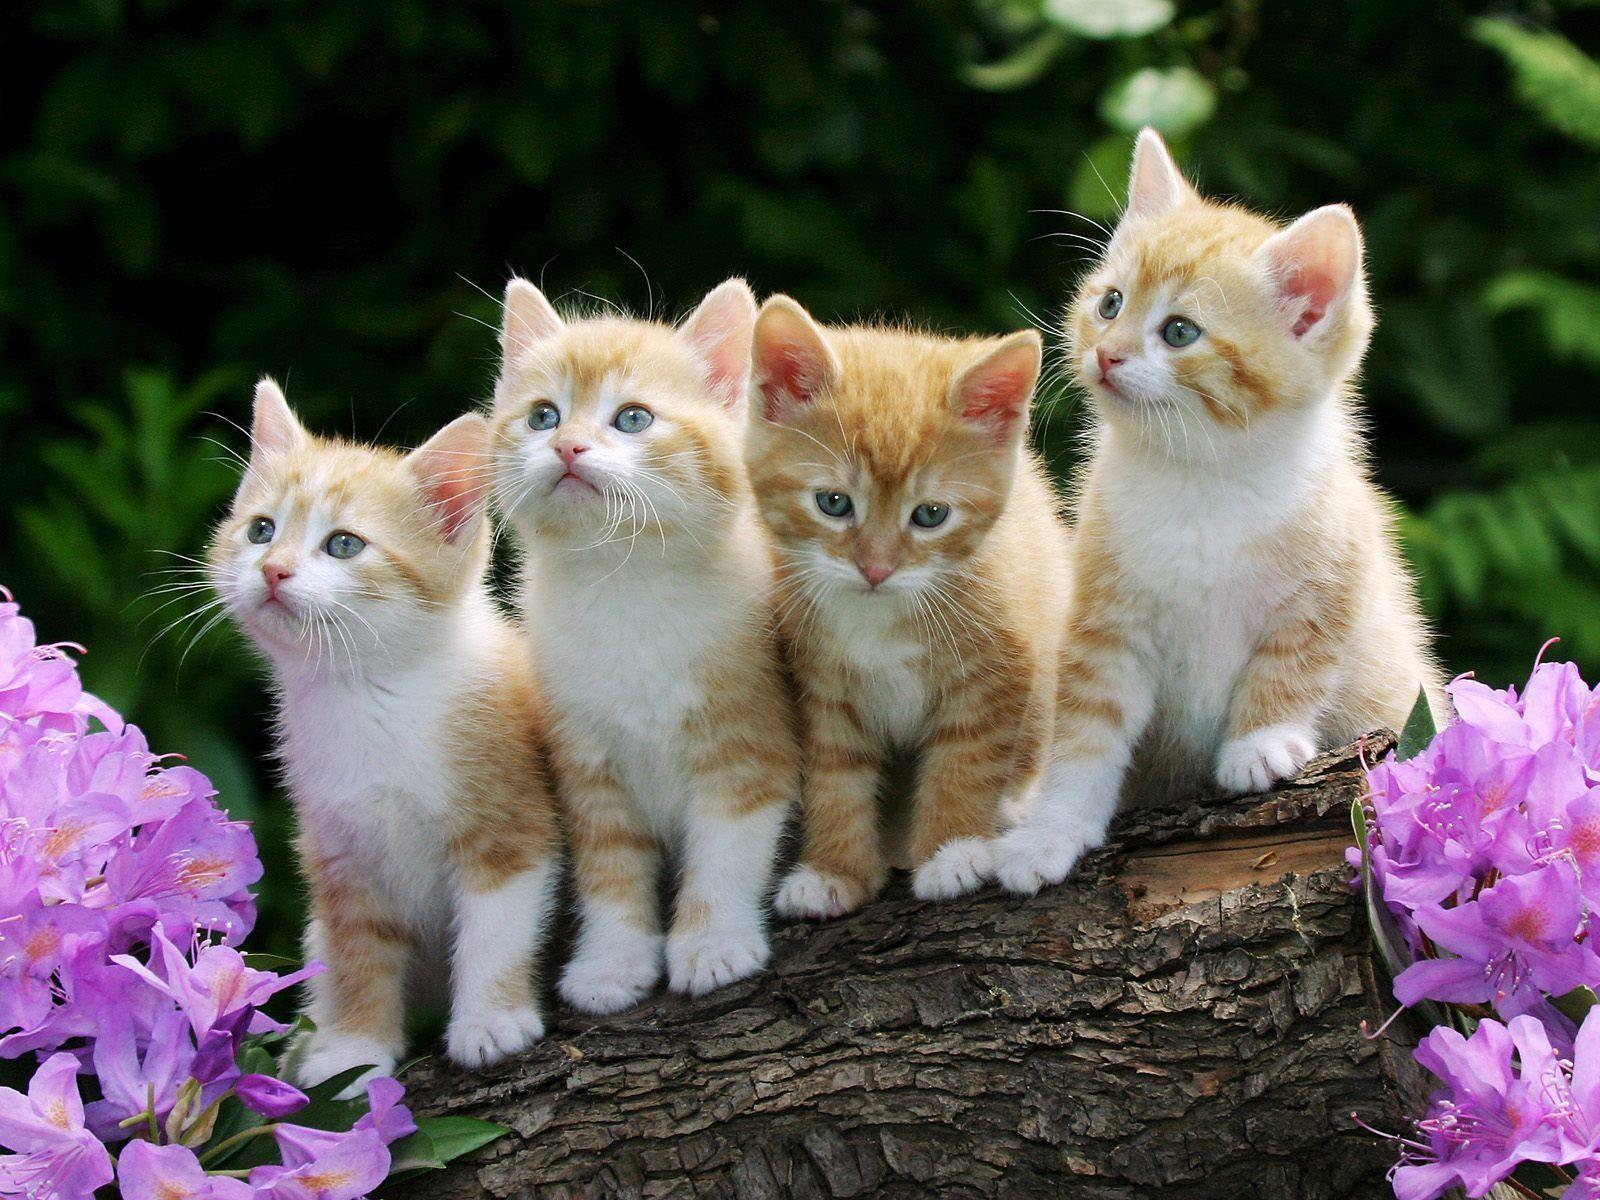 kittens animals wallpaper  2015 Animals HDWallpapers  Pinterest